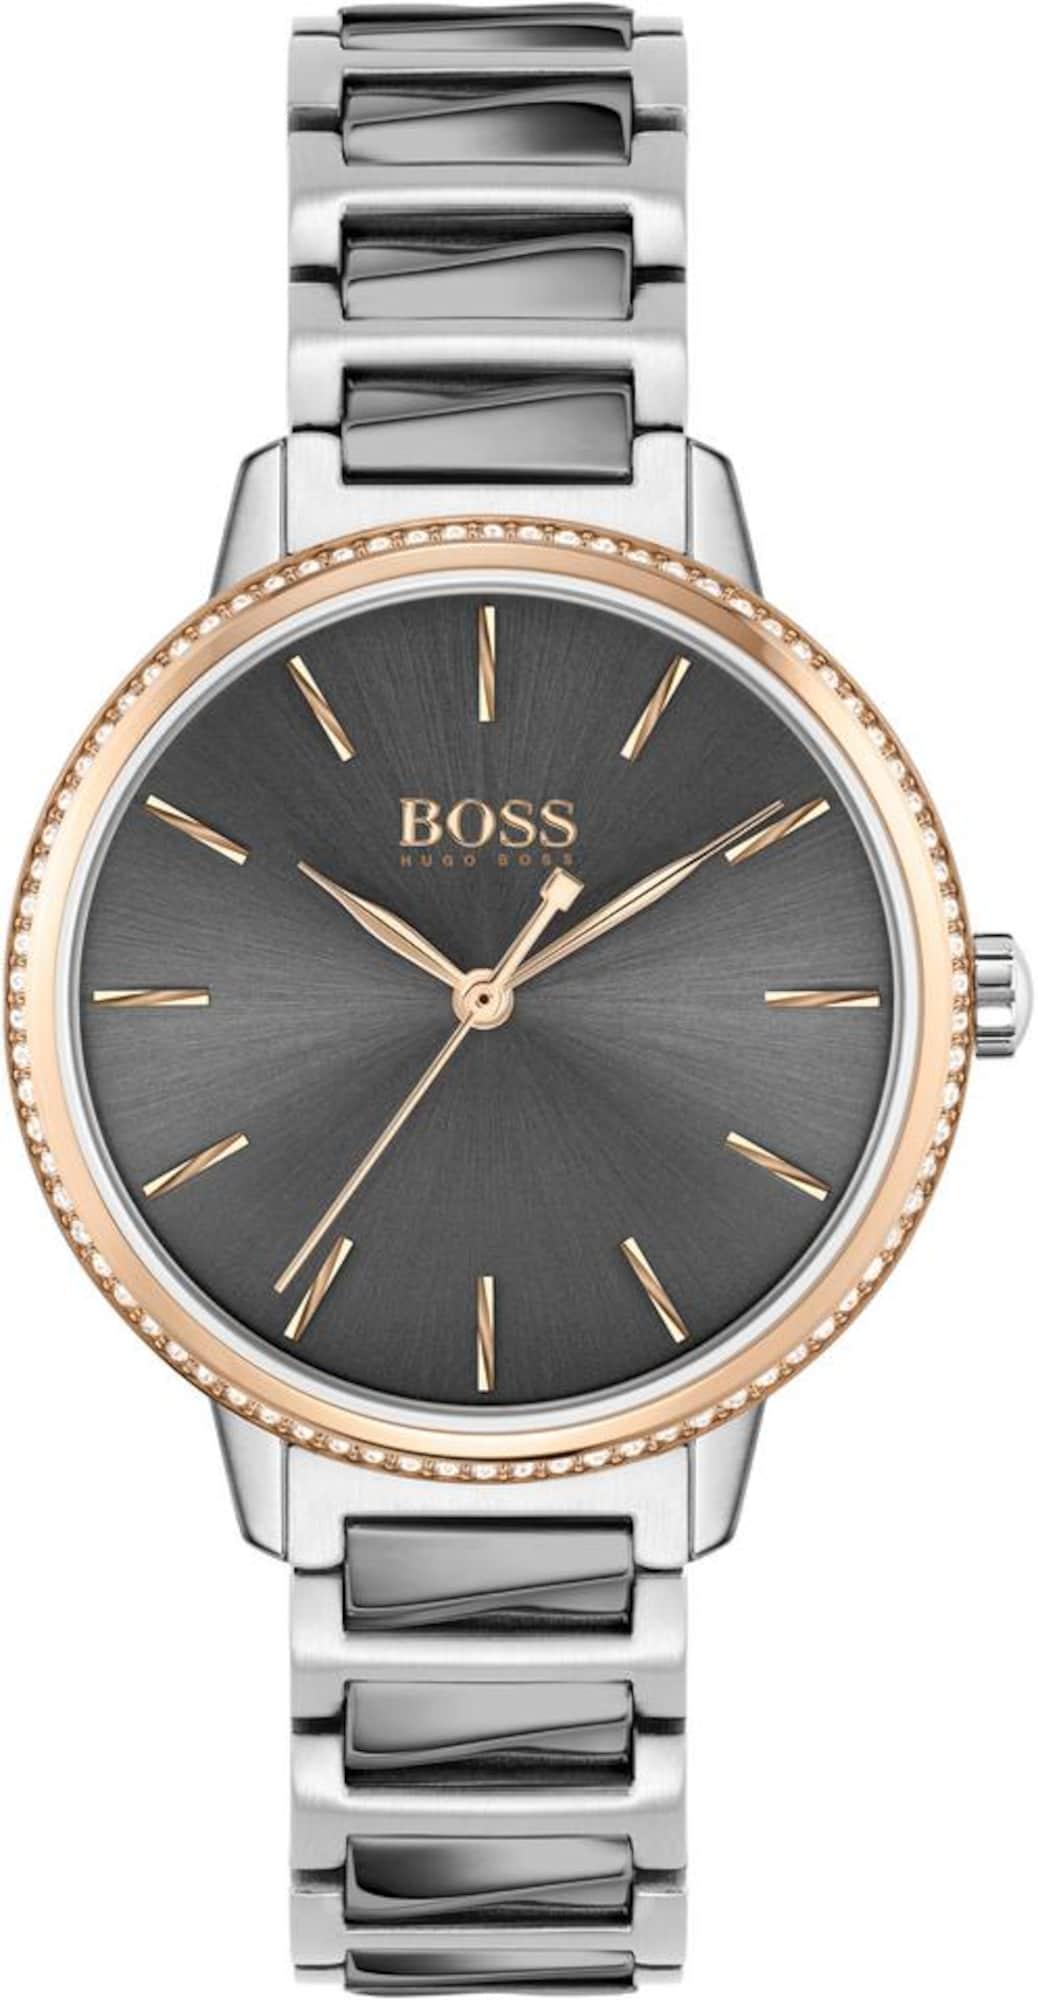 BOSS Analoginis (įprasto dizaino) laikrodis 'SIGNATURE' rožinio aukso spalva / sidabrinė / balta / tamsiai pilka